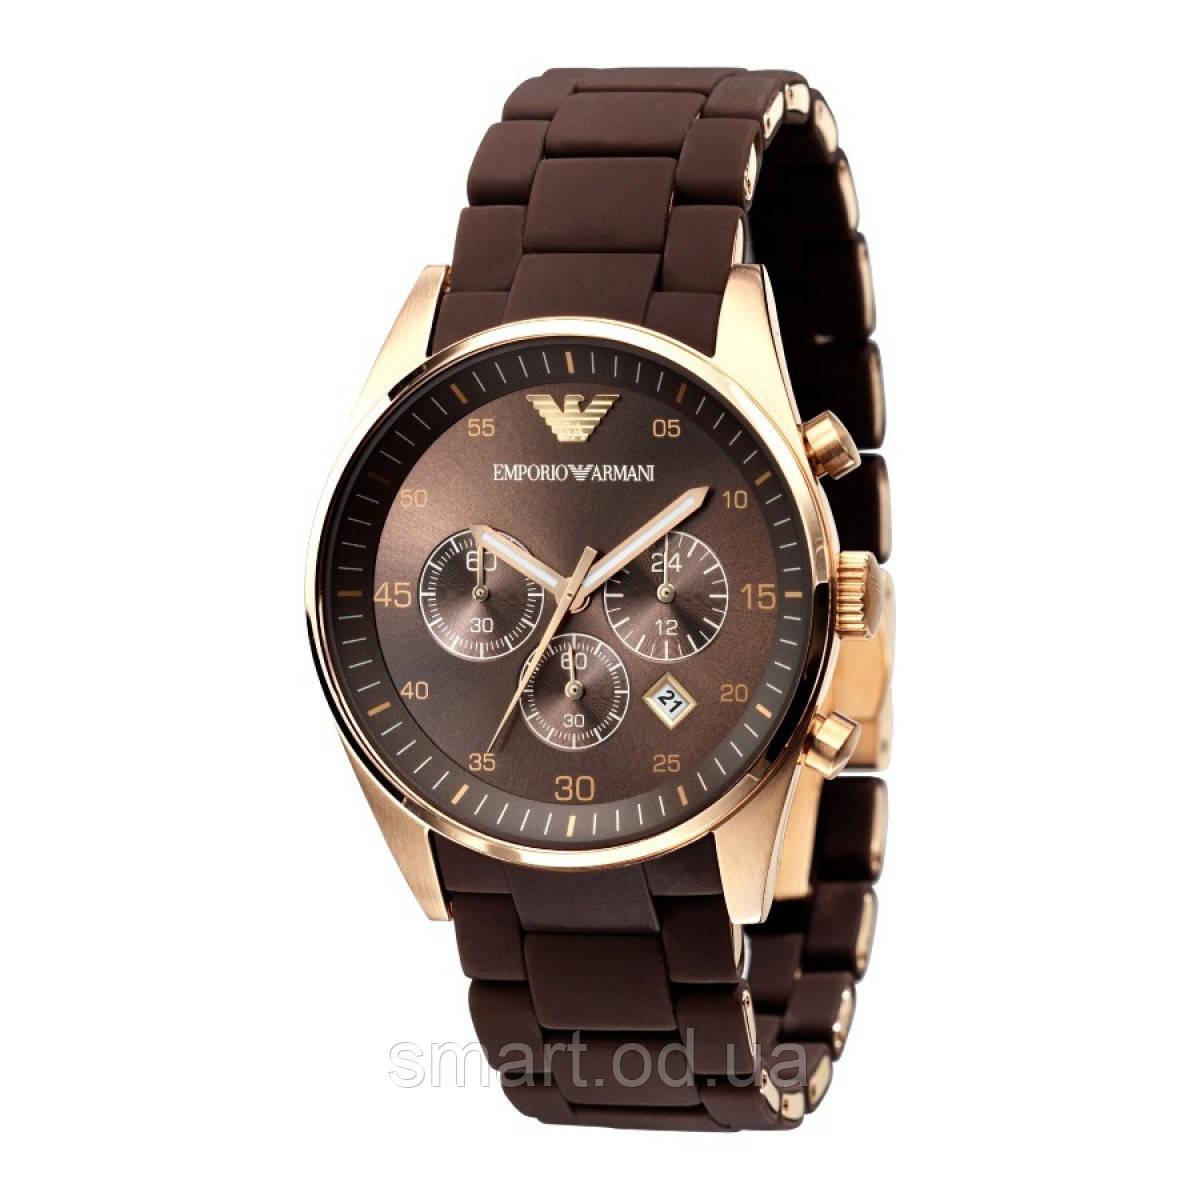 Наручные часы Emporio Armani / мужские часы / Стильные часы в стиле Эмпорио Армани Коричневый, часы